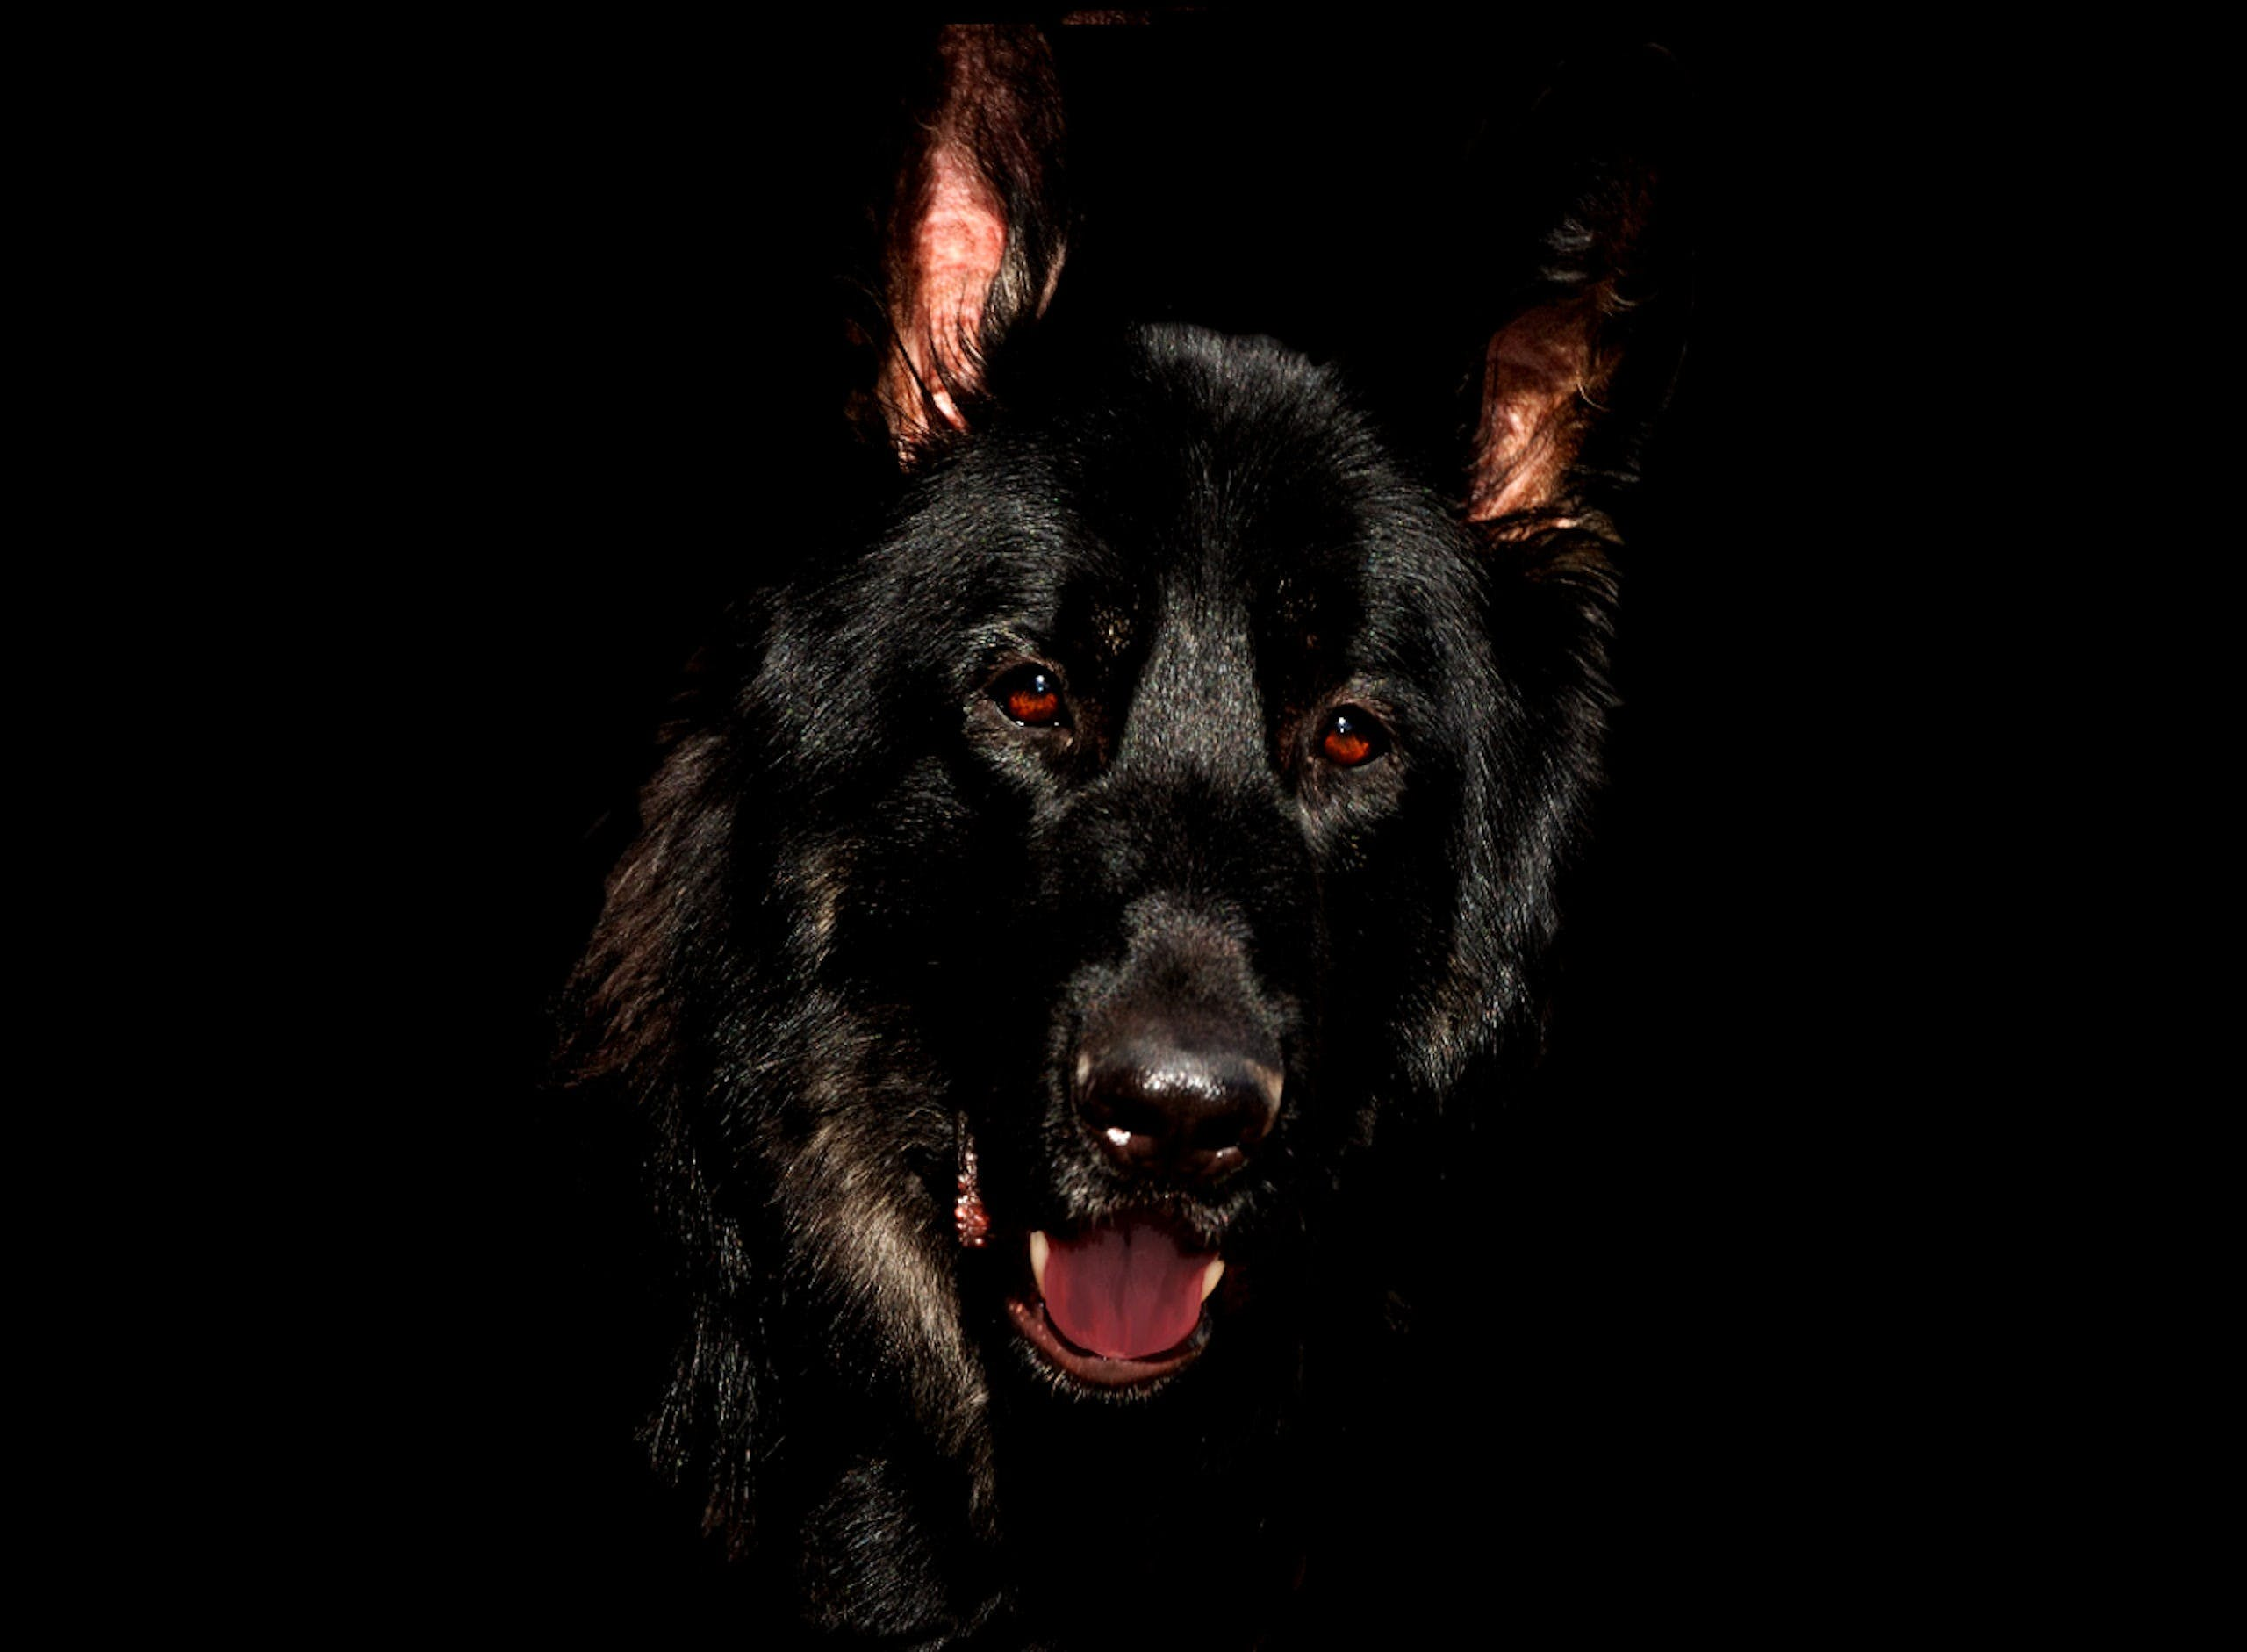 개, 개의, 검은색, 동물의 무료 스톡 사진